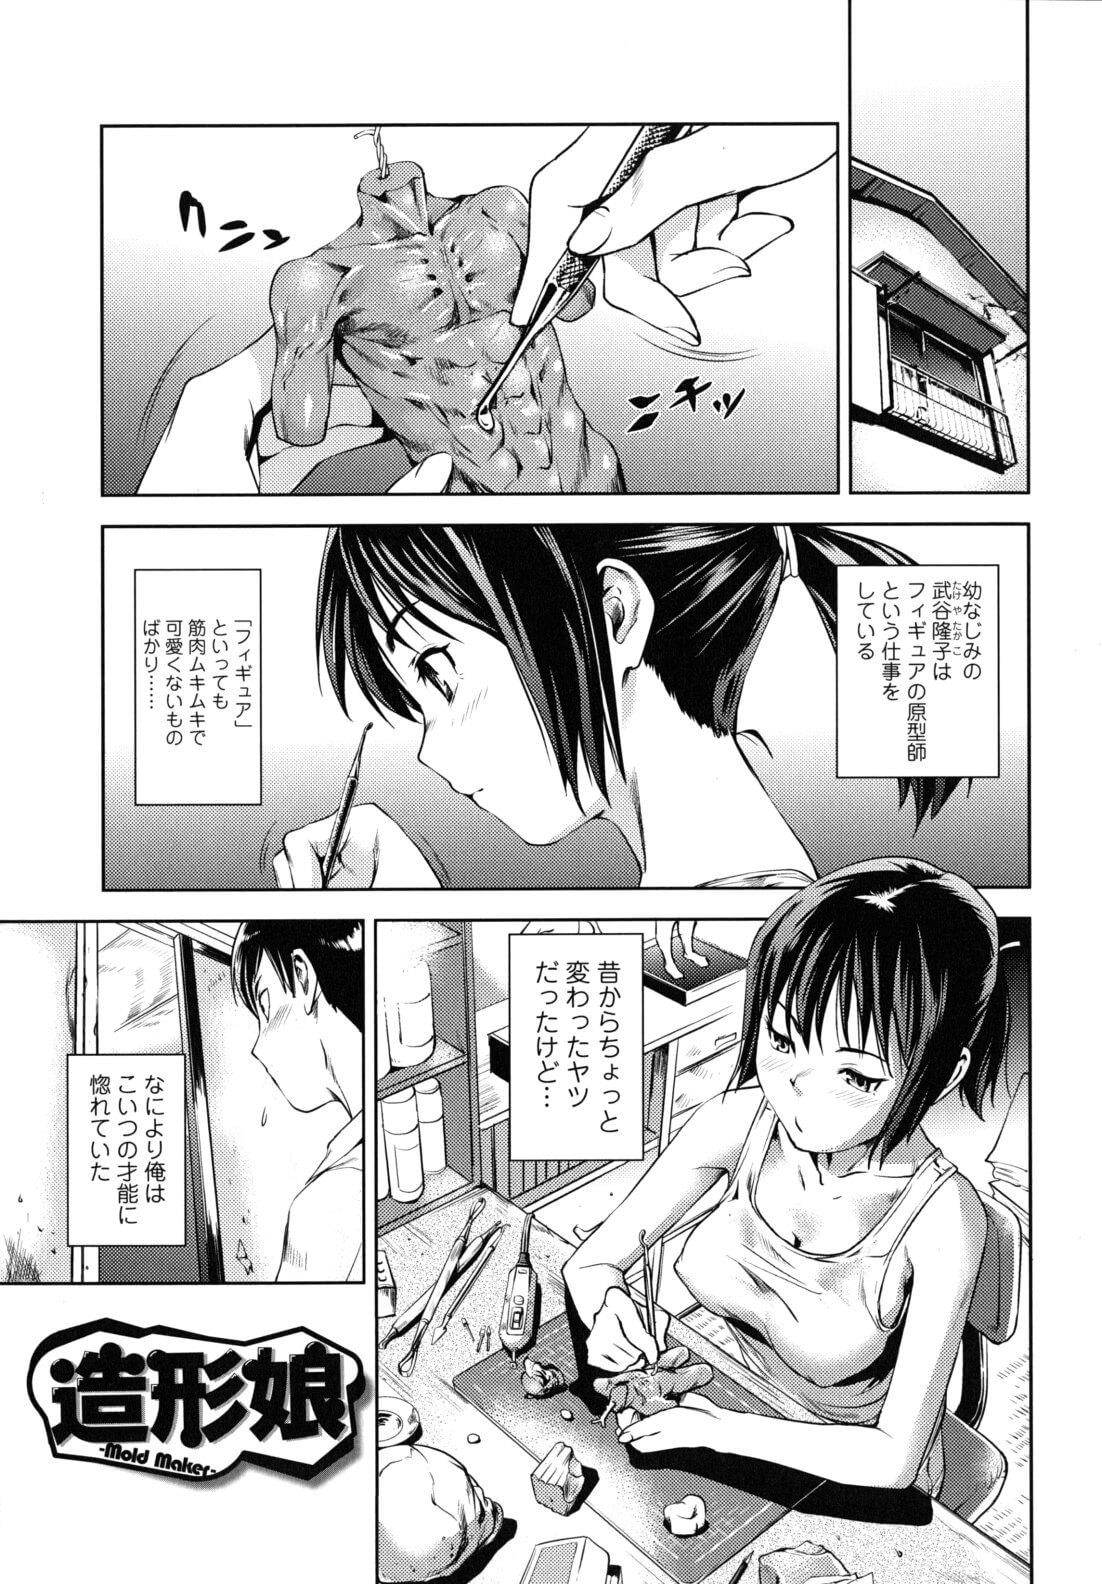 【エロ漫画】幼馴染みの隆子が仕事をしていると、勝也が入って来て母からの差し入れを渡す。フィギュアの話をしていると怒らせるが…【無料 エロ同人】